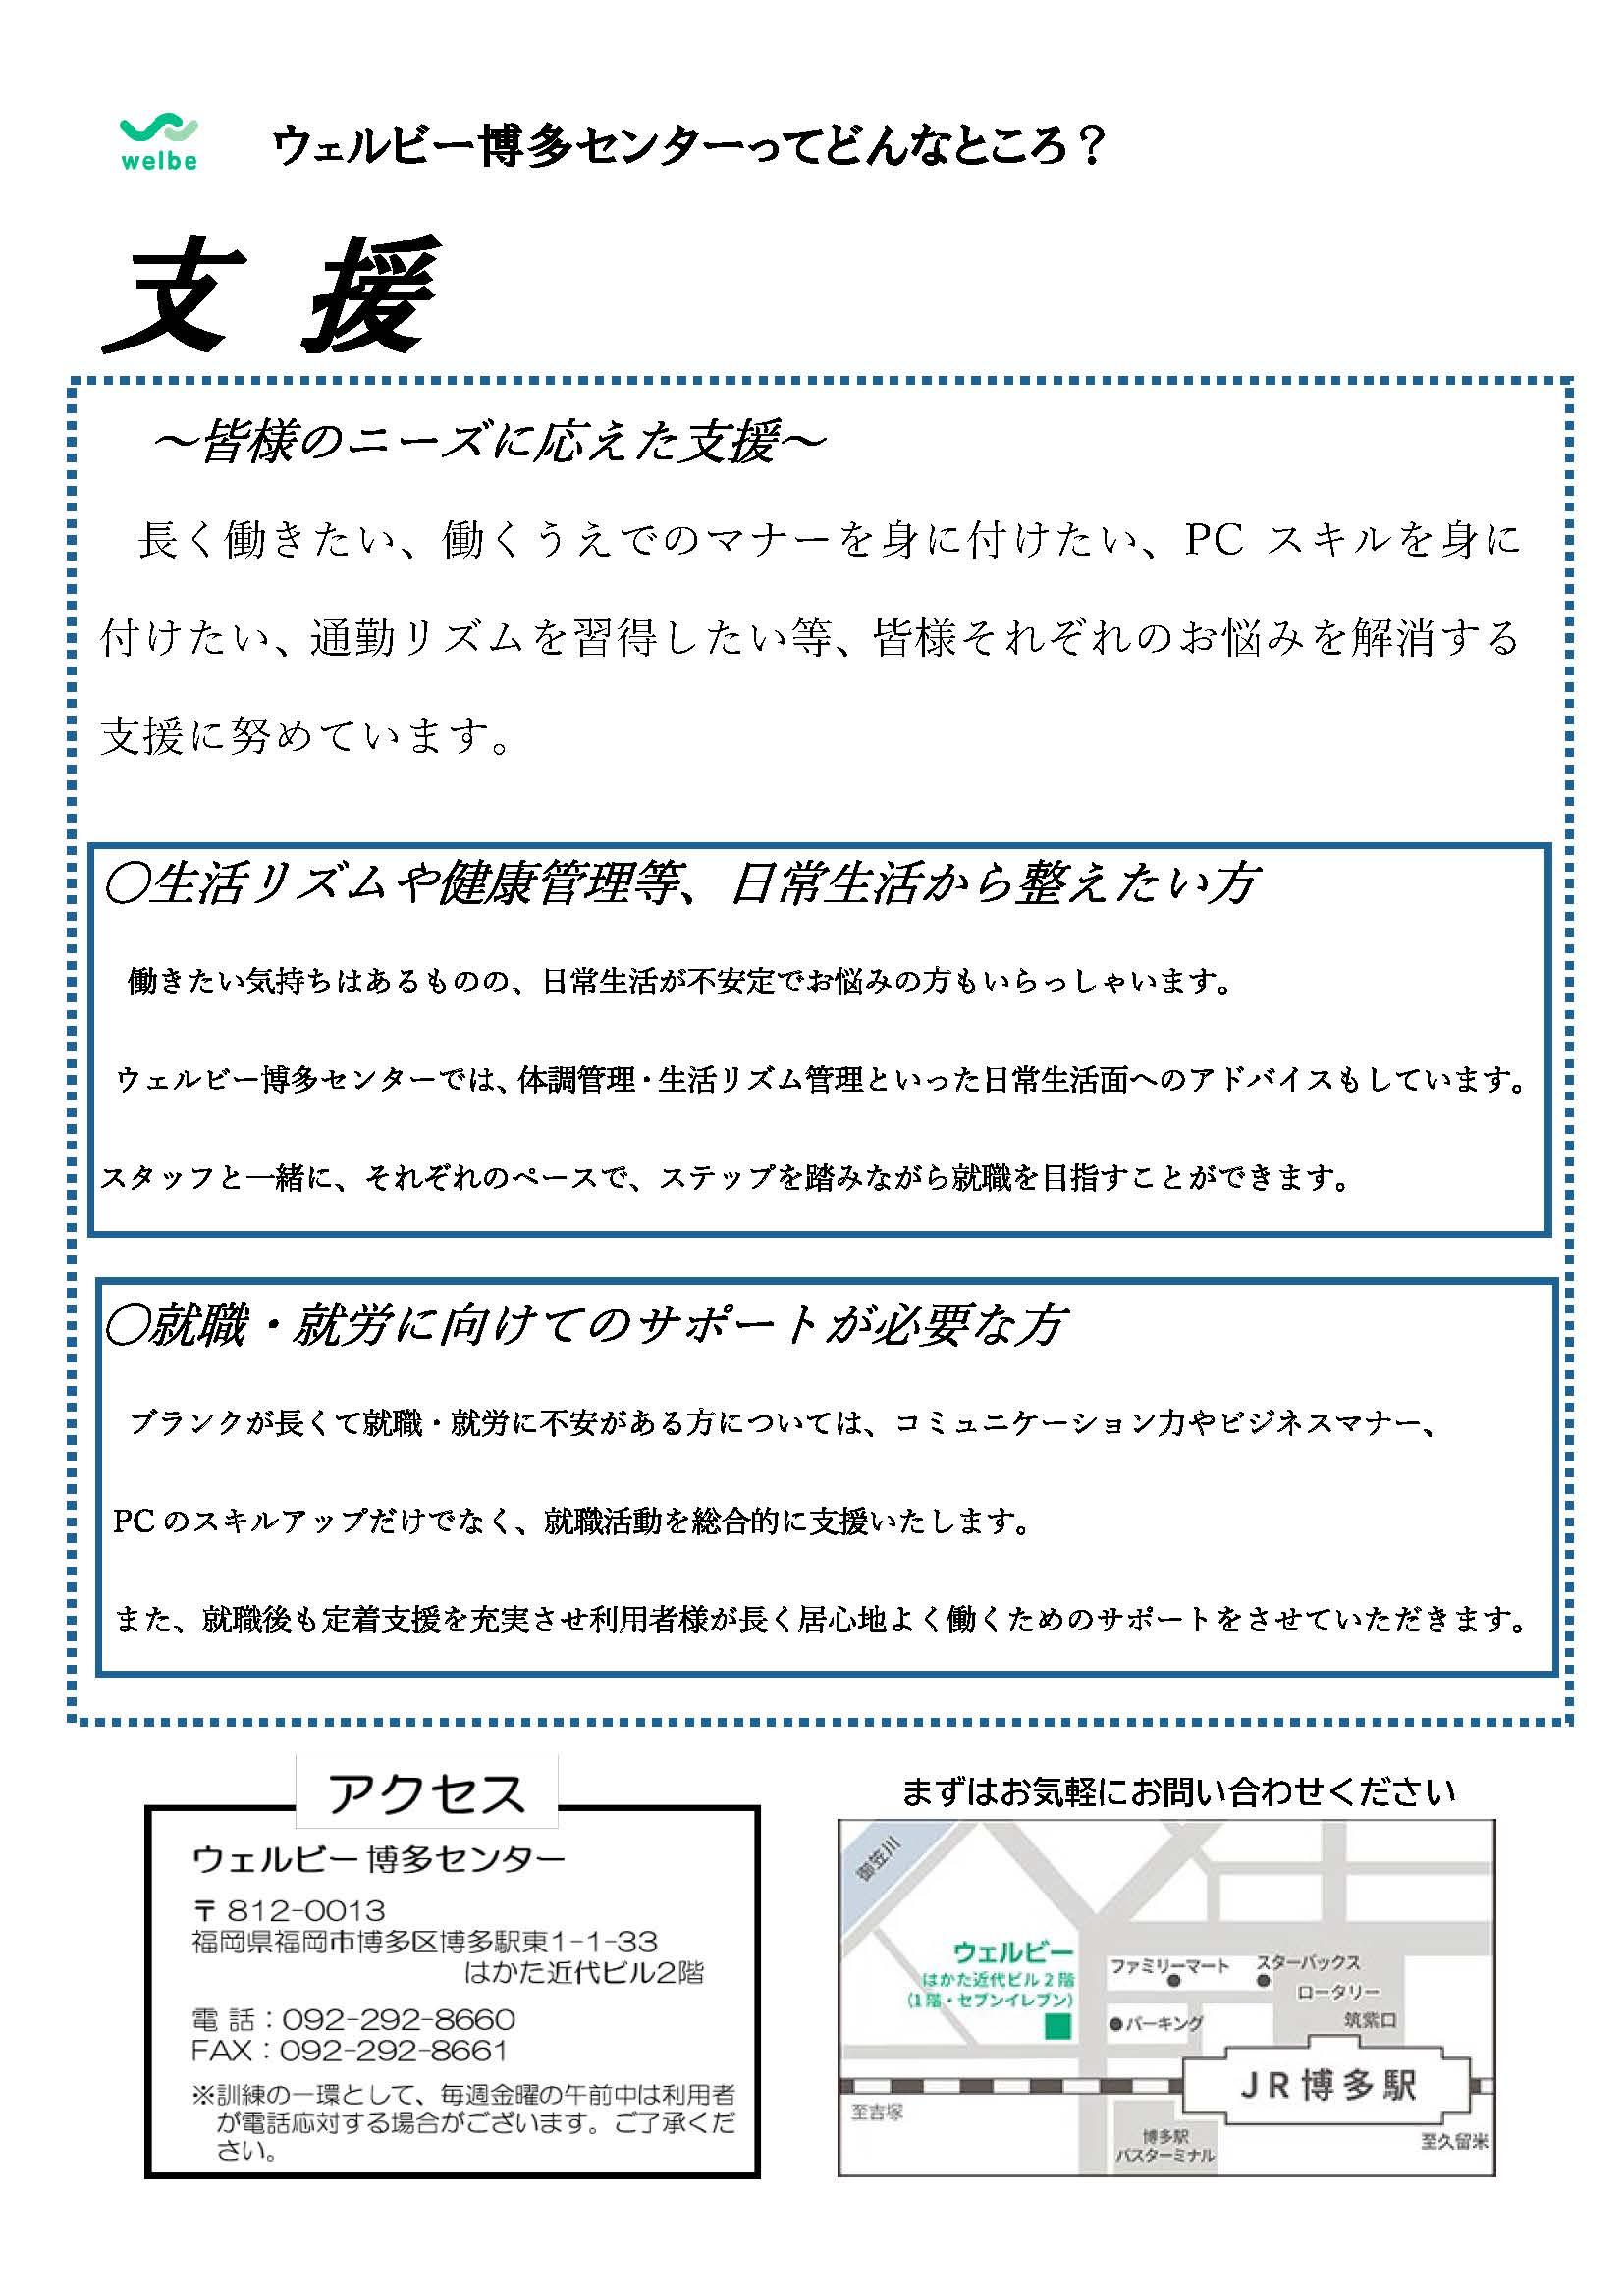 【ウェブ掲載】ウェルビー博多センター12月25日添付チラシ②